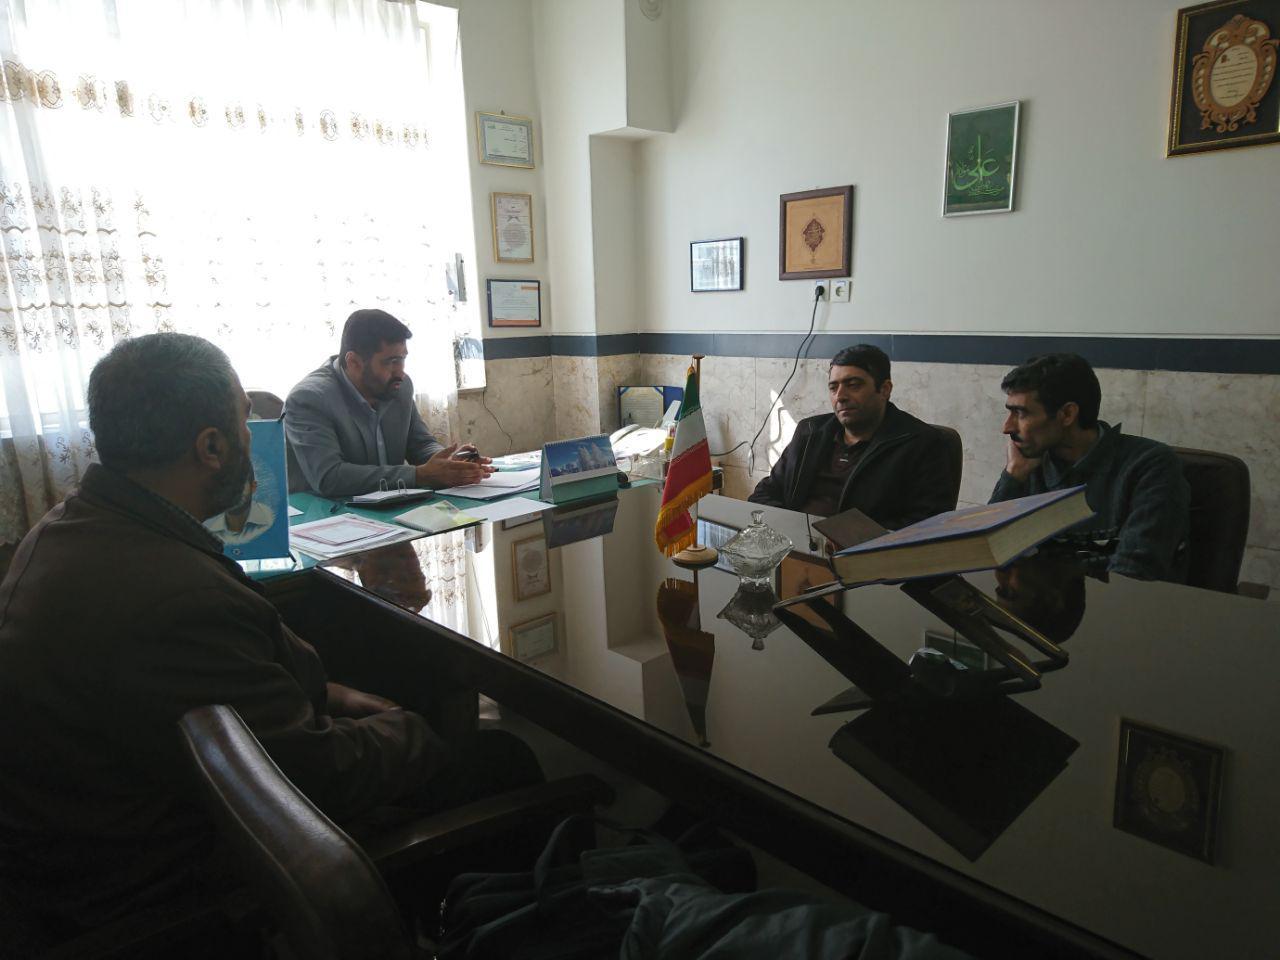 جلسه شورای دبیران دبیرستان شهدای گردبافان برگزار شد.